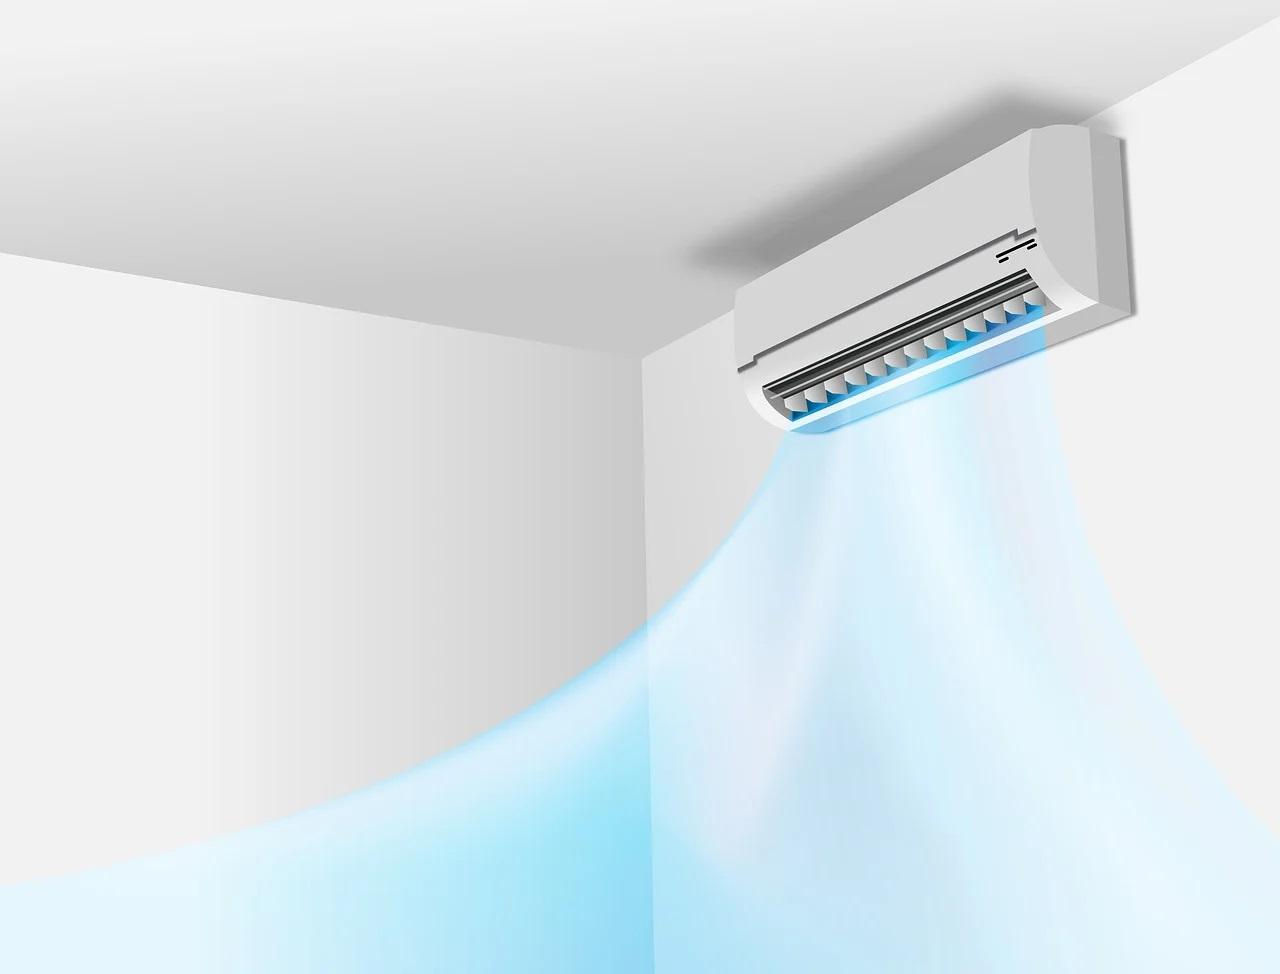 Klimatizace v horním rohu